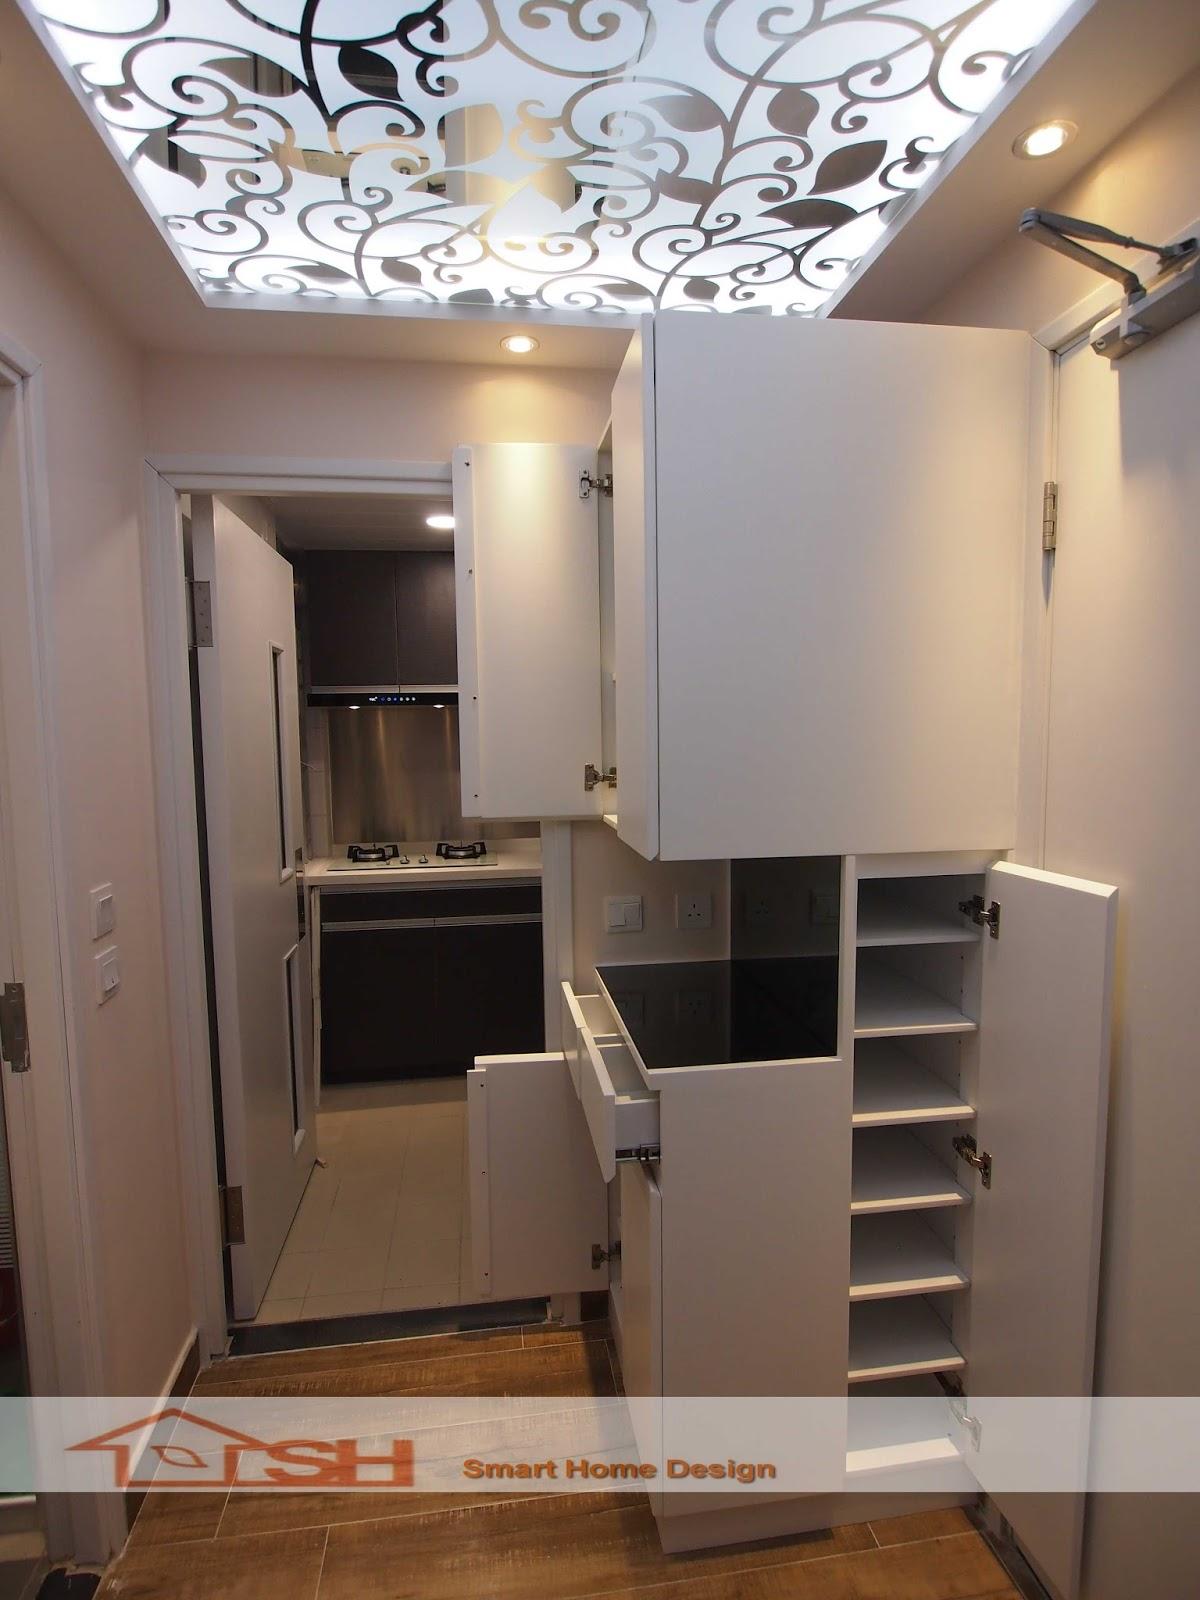 裝修/廚櫃/傢俬/卓形設計Smart Home Design